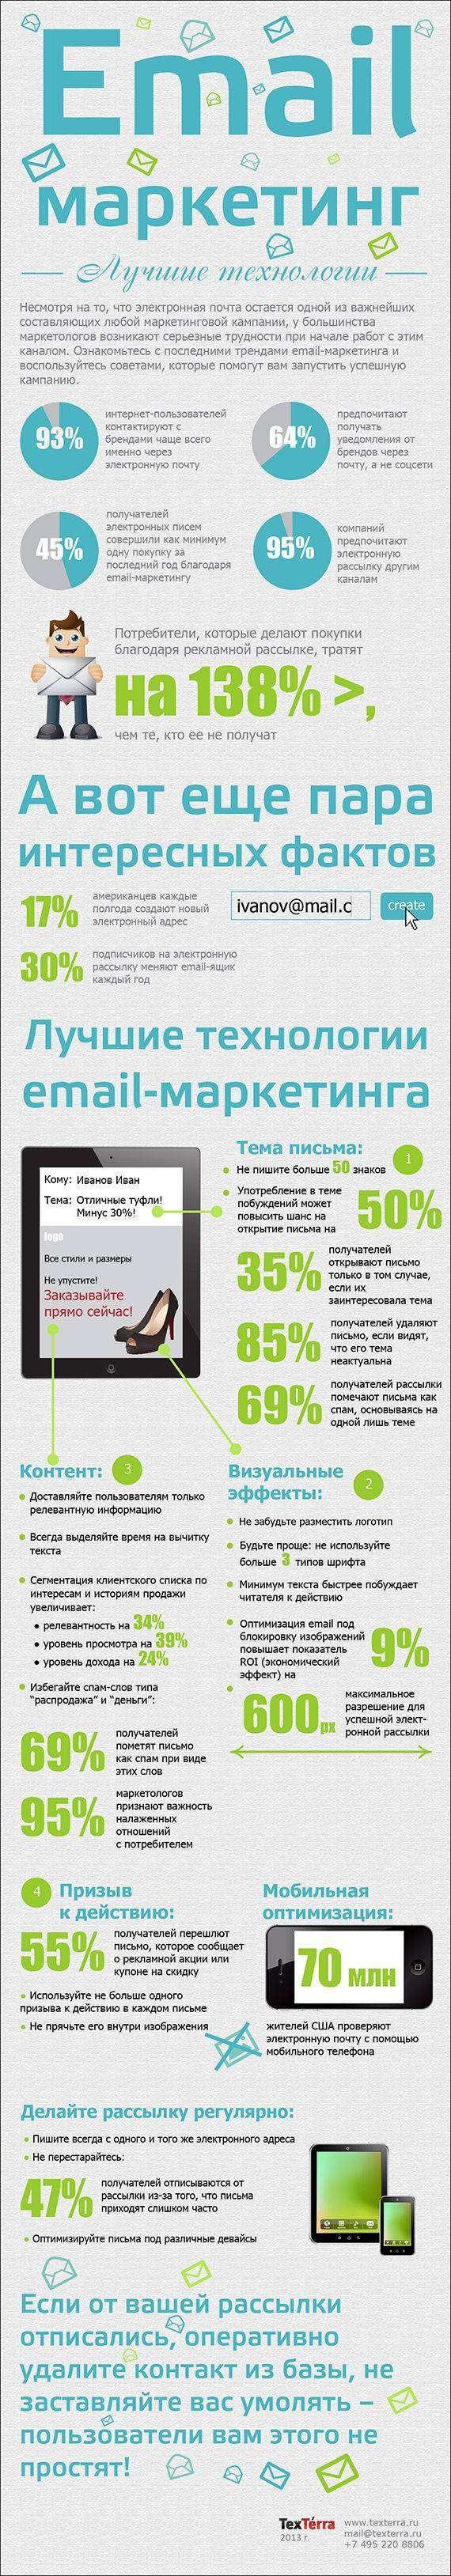 Email-маркетинг (Інфографіка)